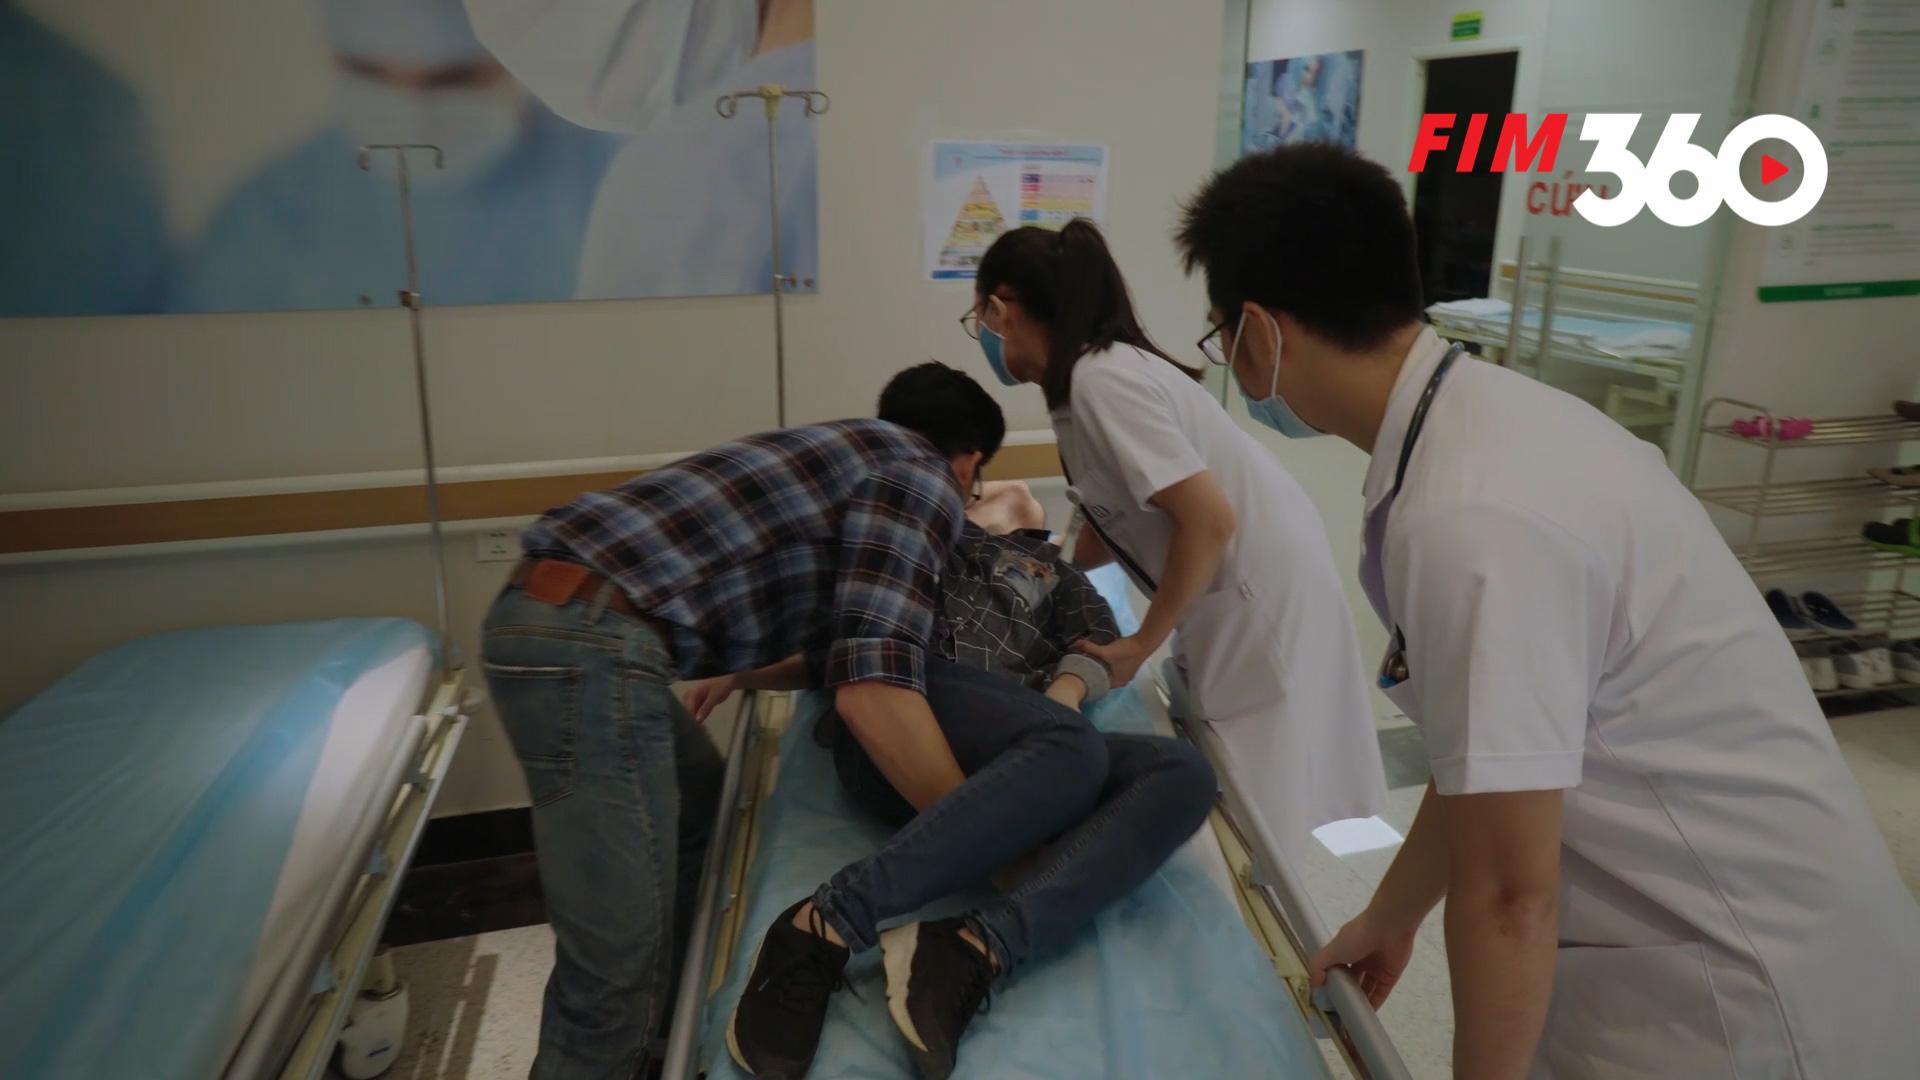 Hân bị ngất xỉu, được Bảo đưa đến bệnh viên.